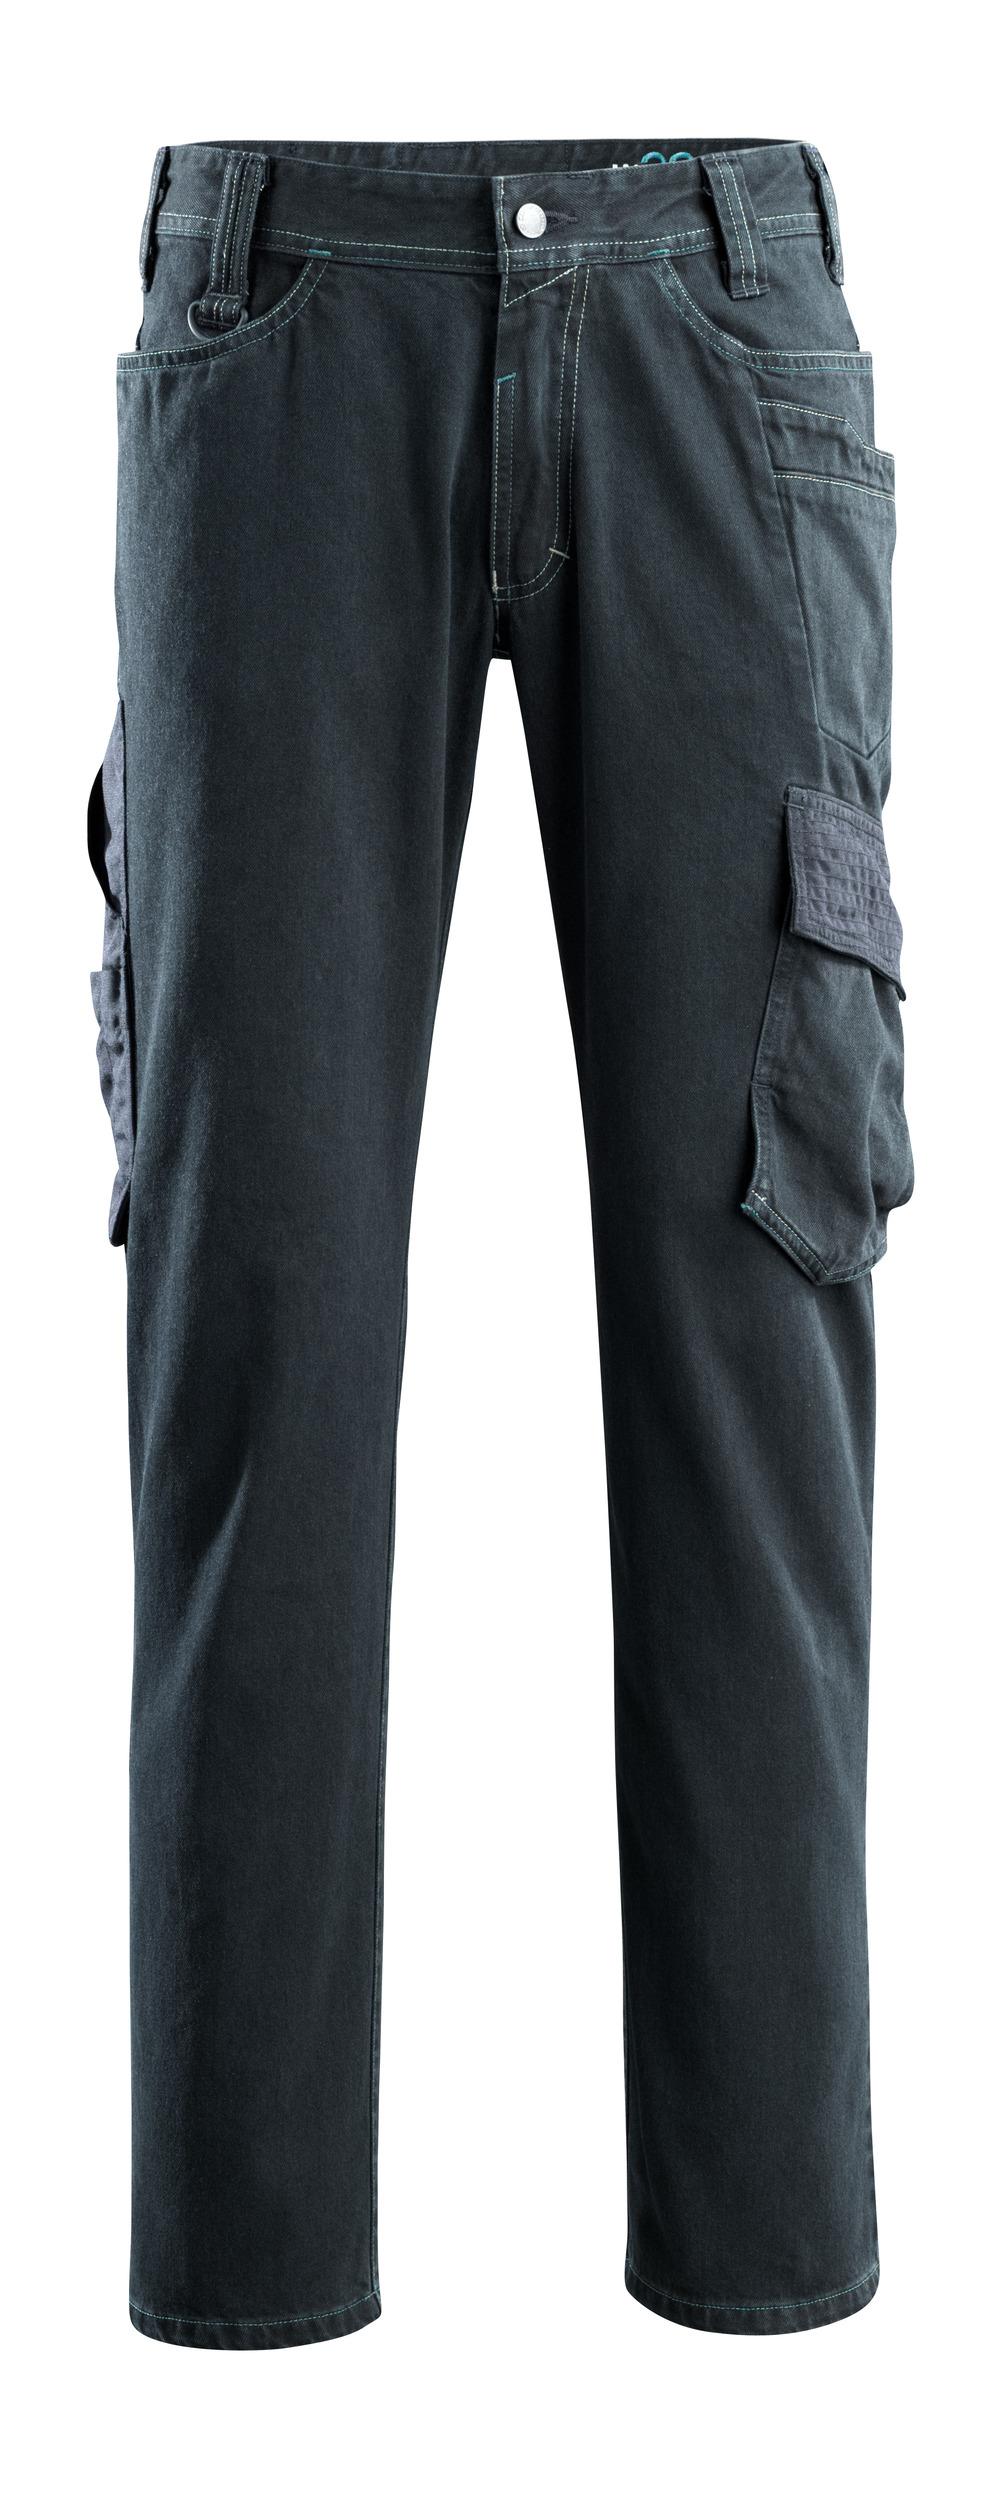 15279-207-86 Jeans med lårlommer - mørk blå denim